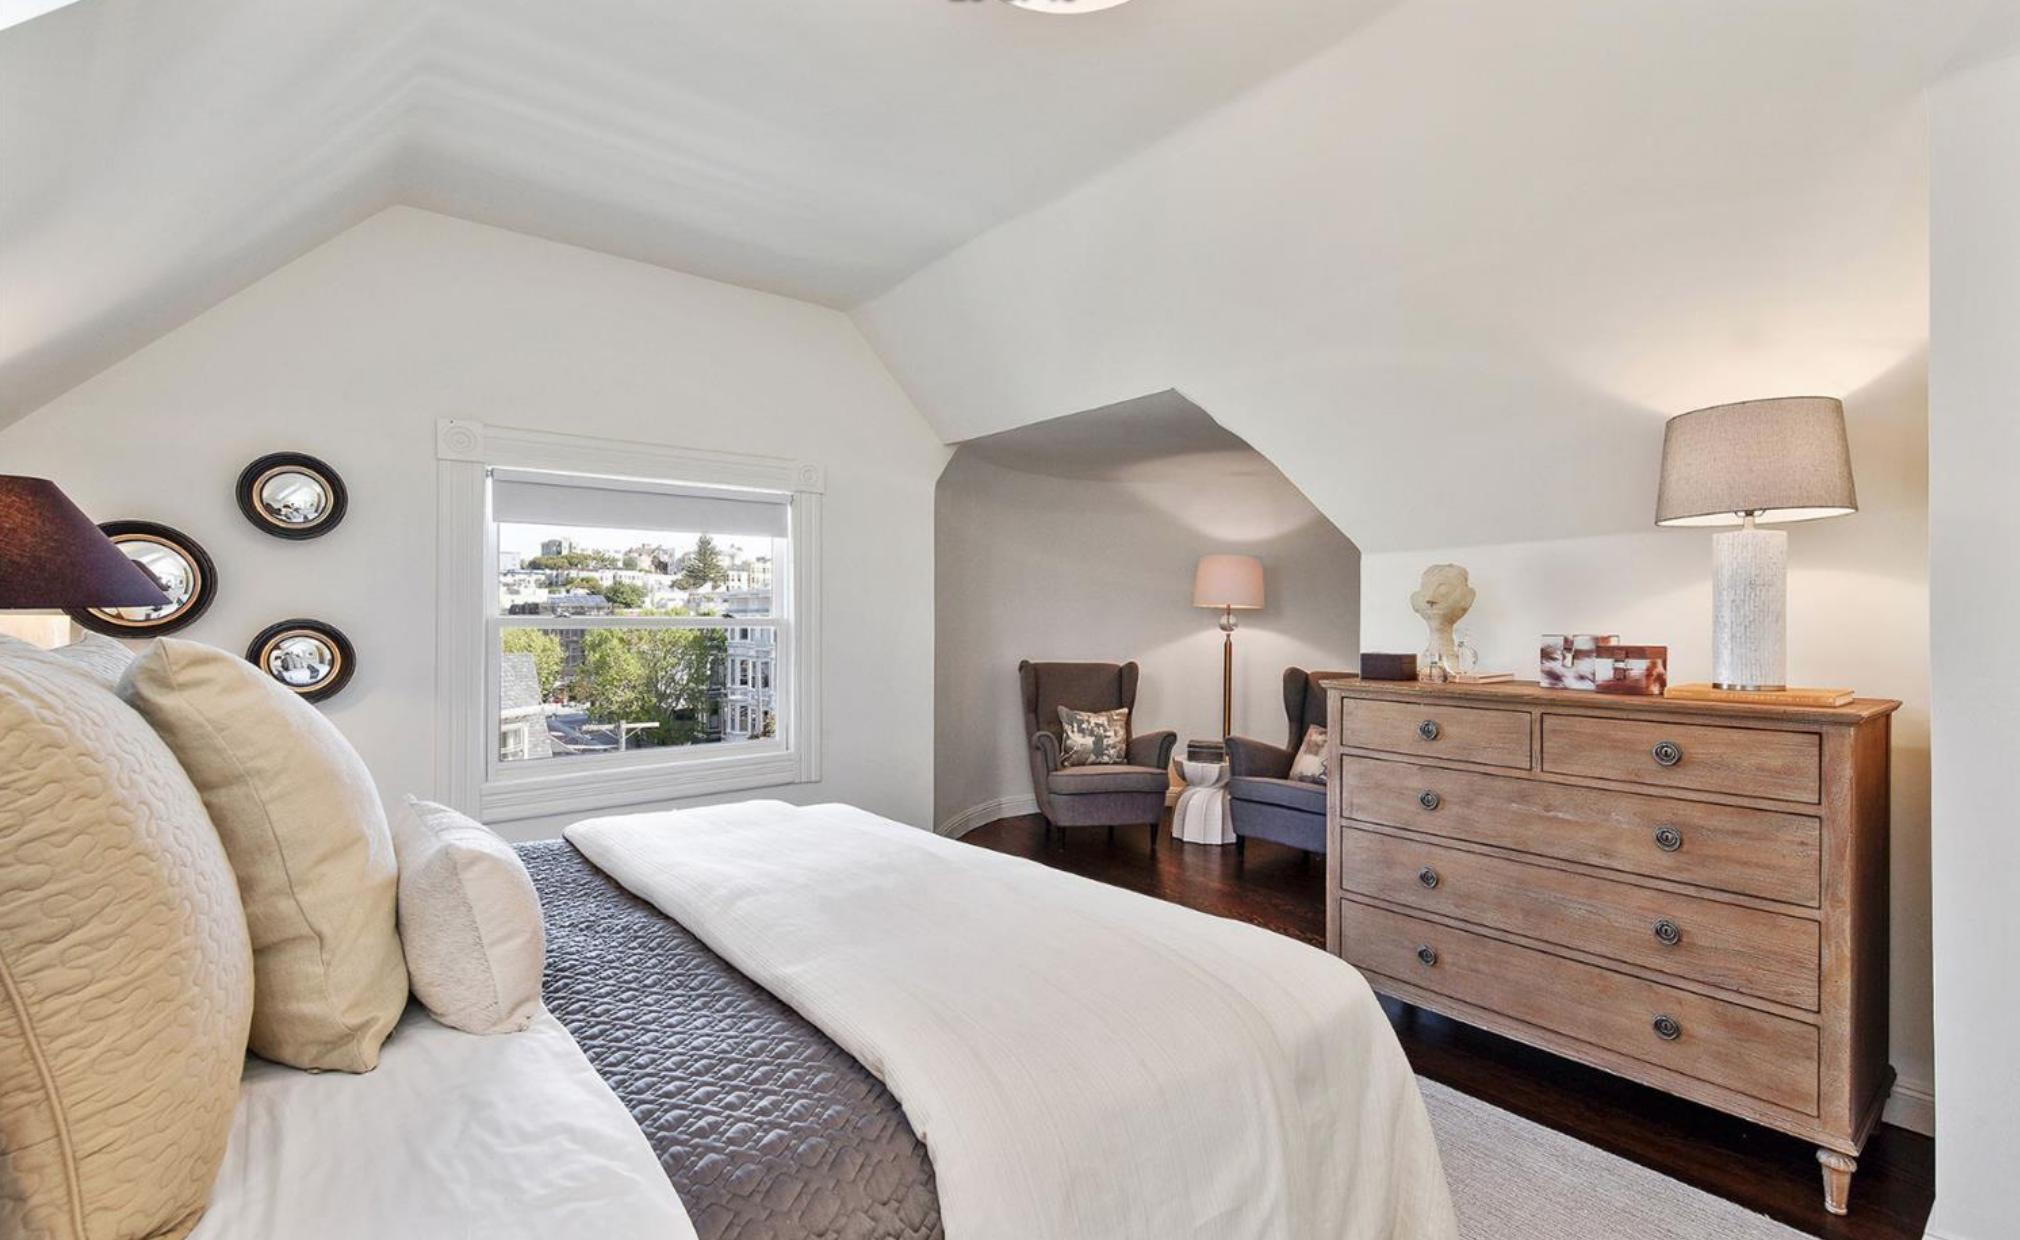 605 Waller Street - Bedroom